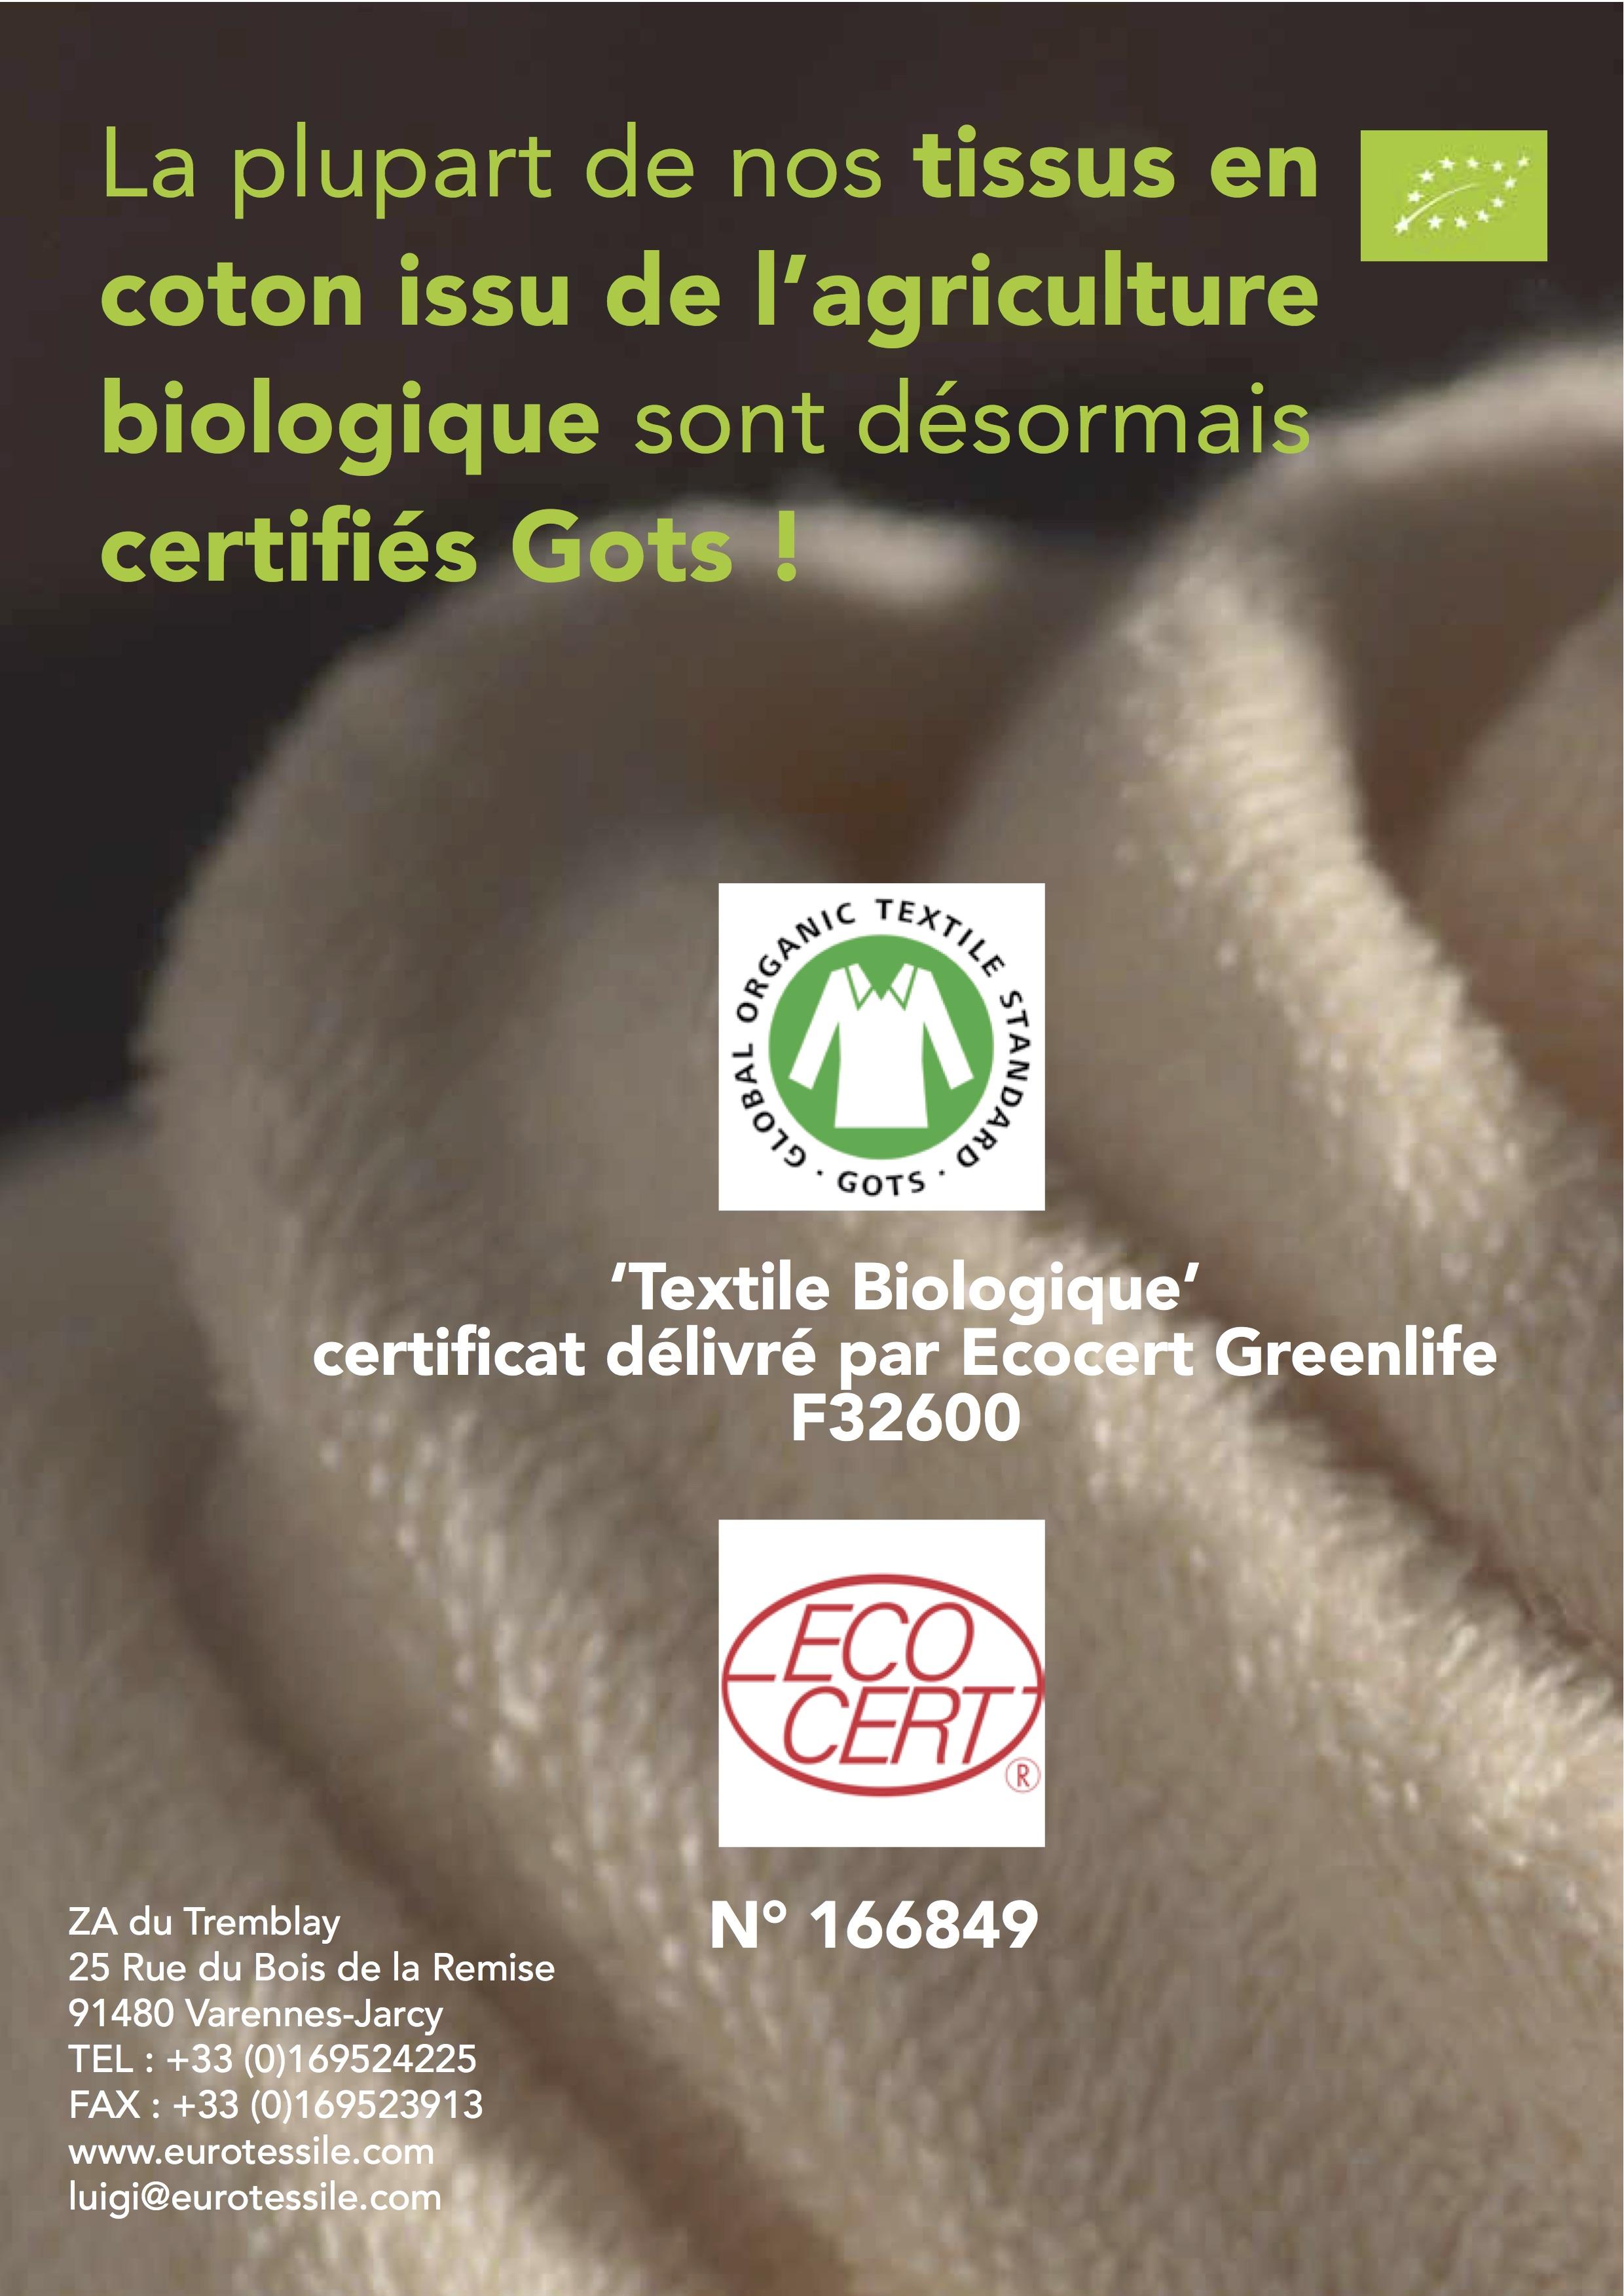 La Plupart De Nos Tissus En Coton Issu De L'agriculture Biologique Sont Désormais Certifiés Gots !